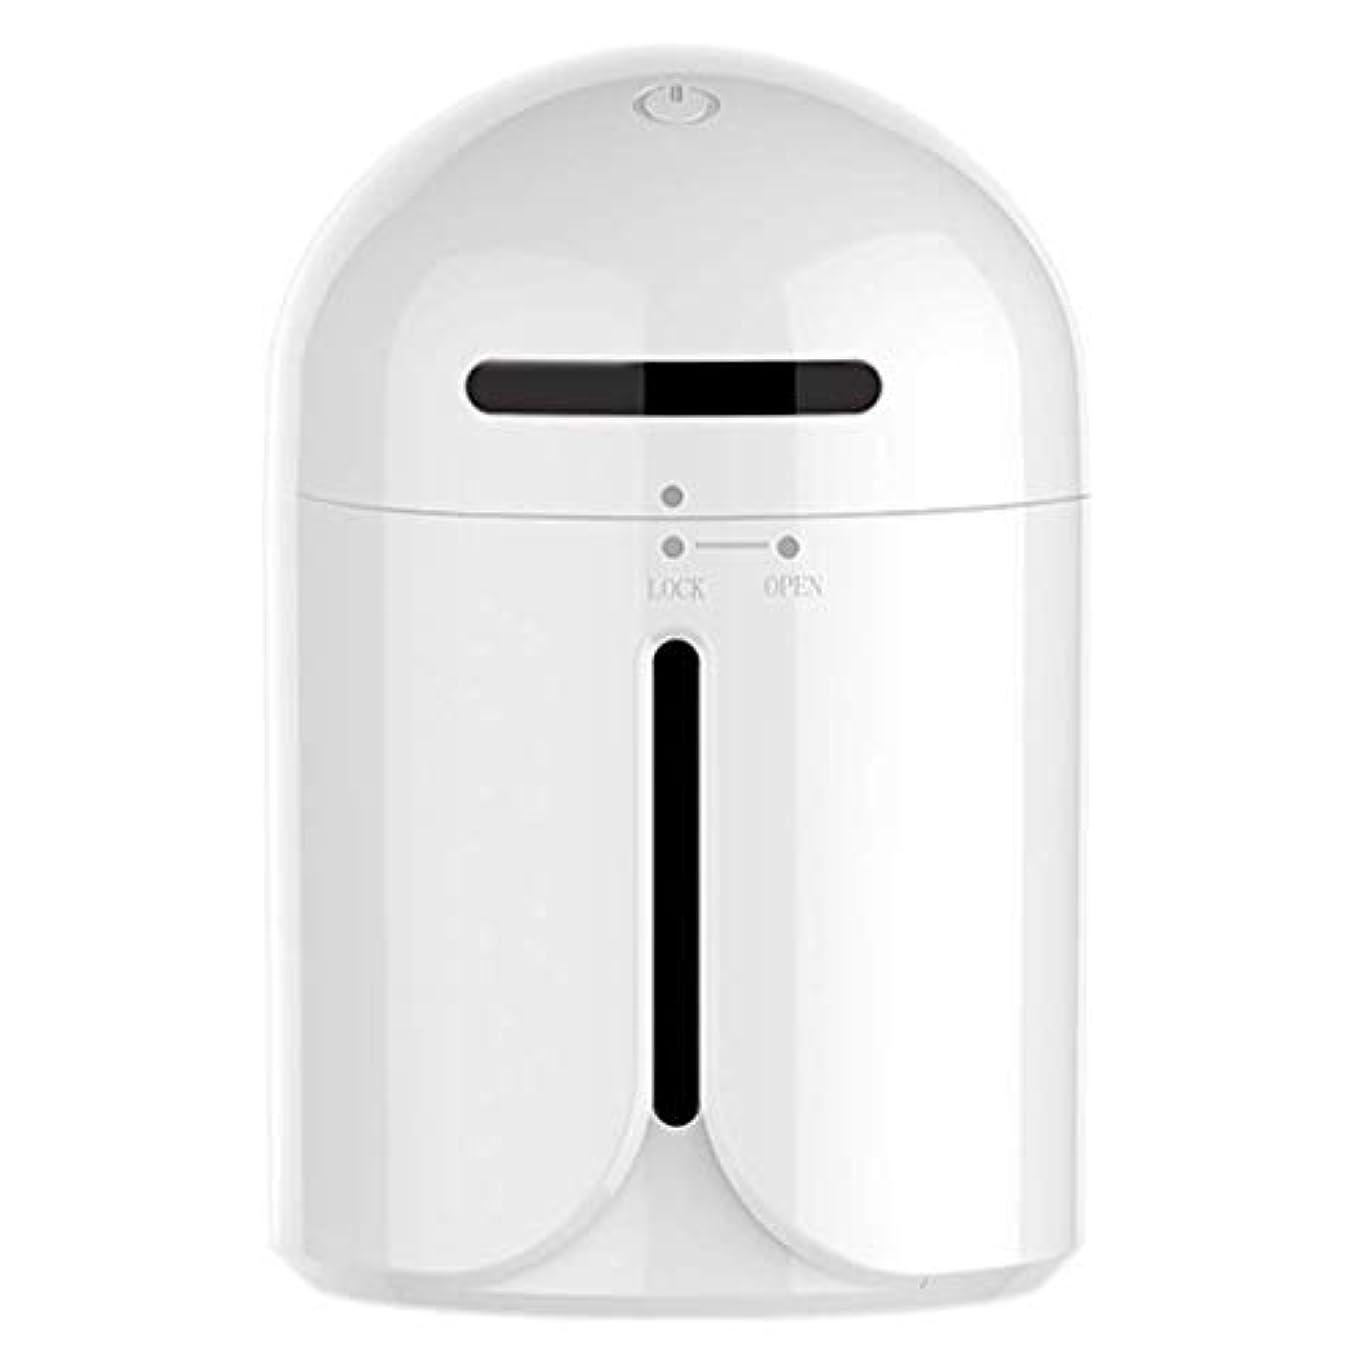 自我取り替える誇大妄想超音波加湿器、車のアロマディフューザー加湿器、気分を和らげるための健康的な肌の改善、睡眠の改善、清潔で清潔な新鮮な空気の浄化、LEDライトミュート (Color : 白)